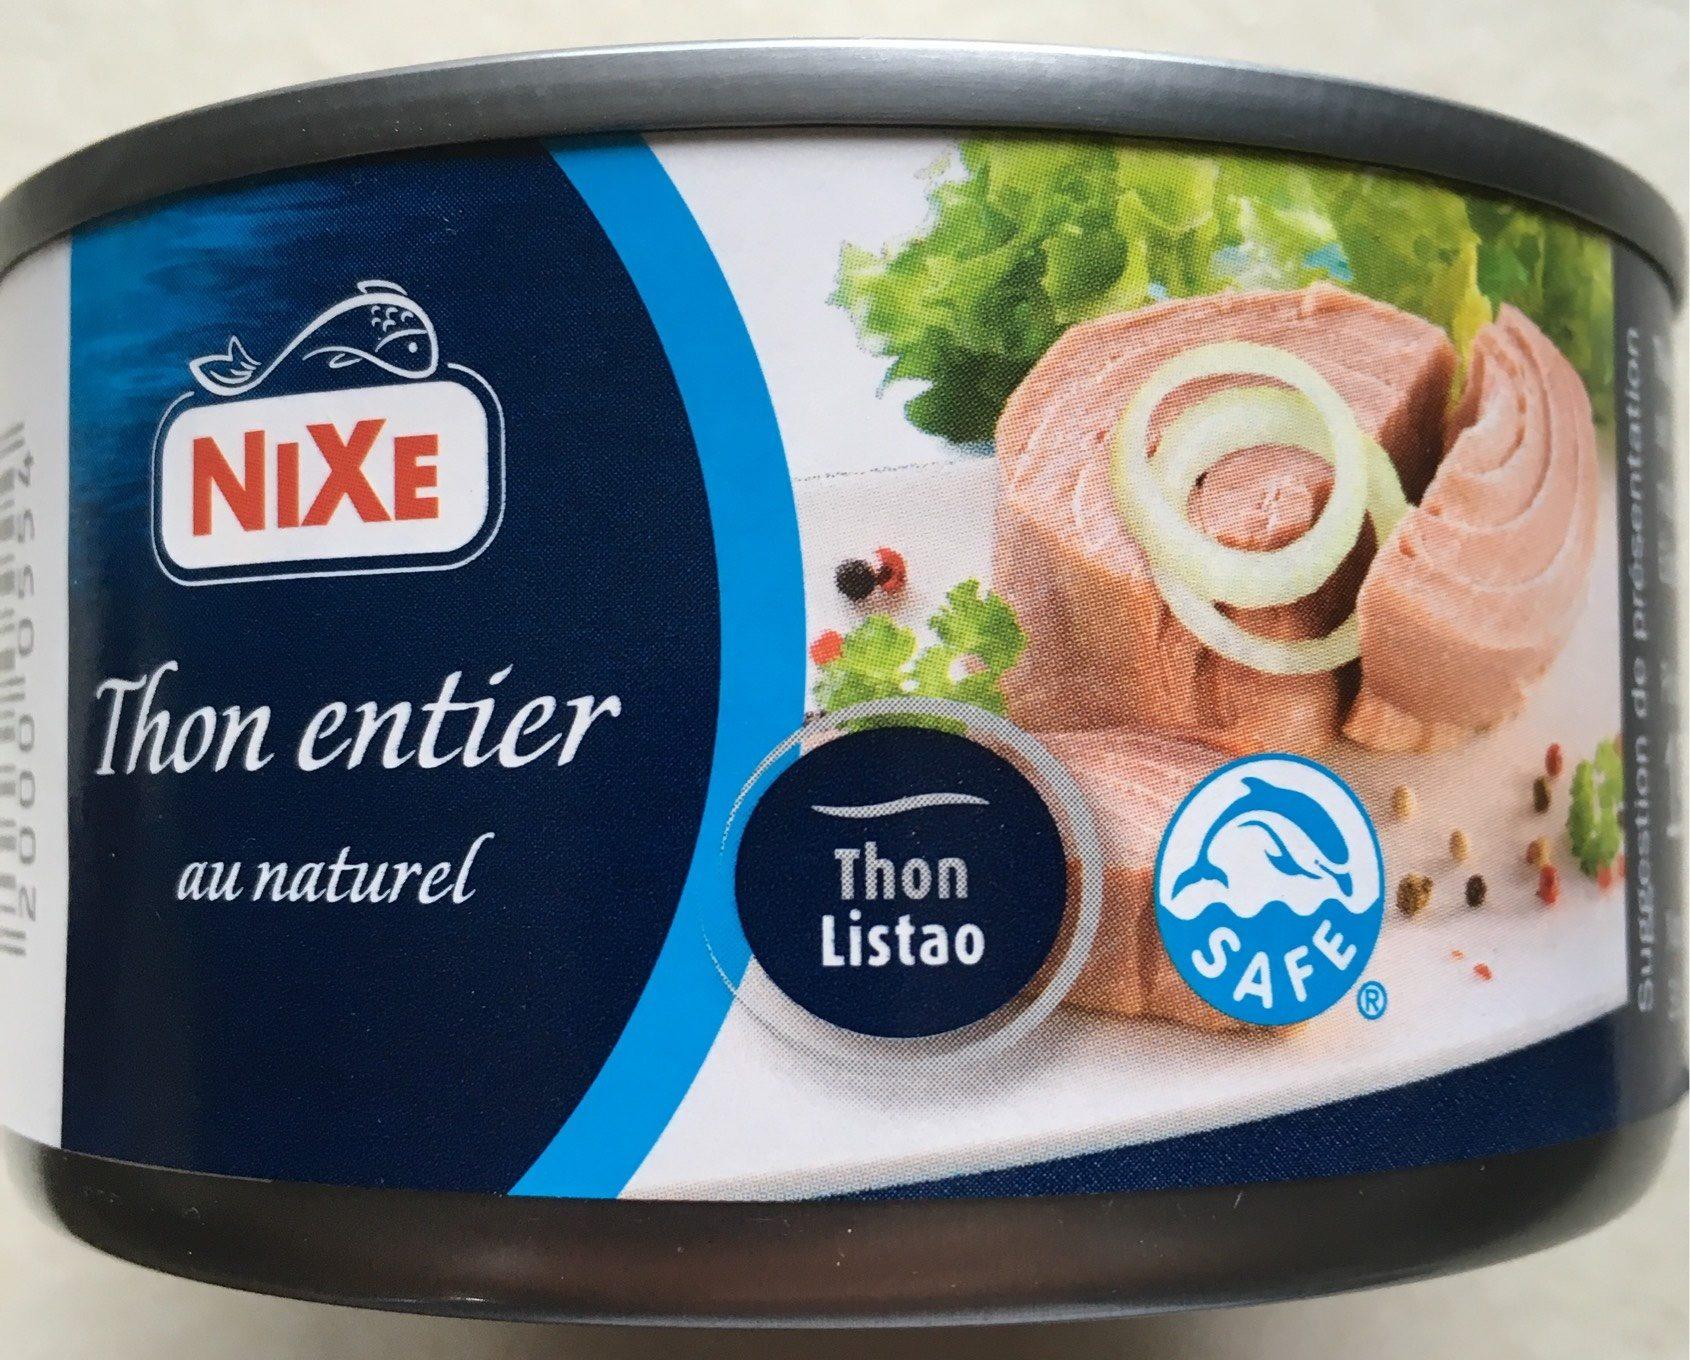 Filet de thon au naturel - Produit - fr